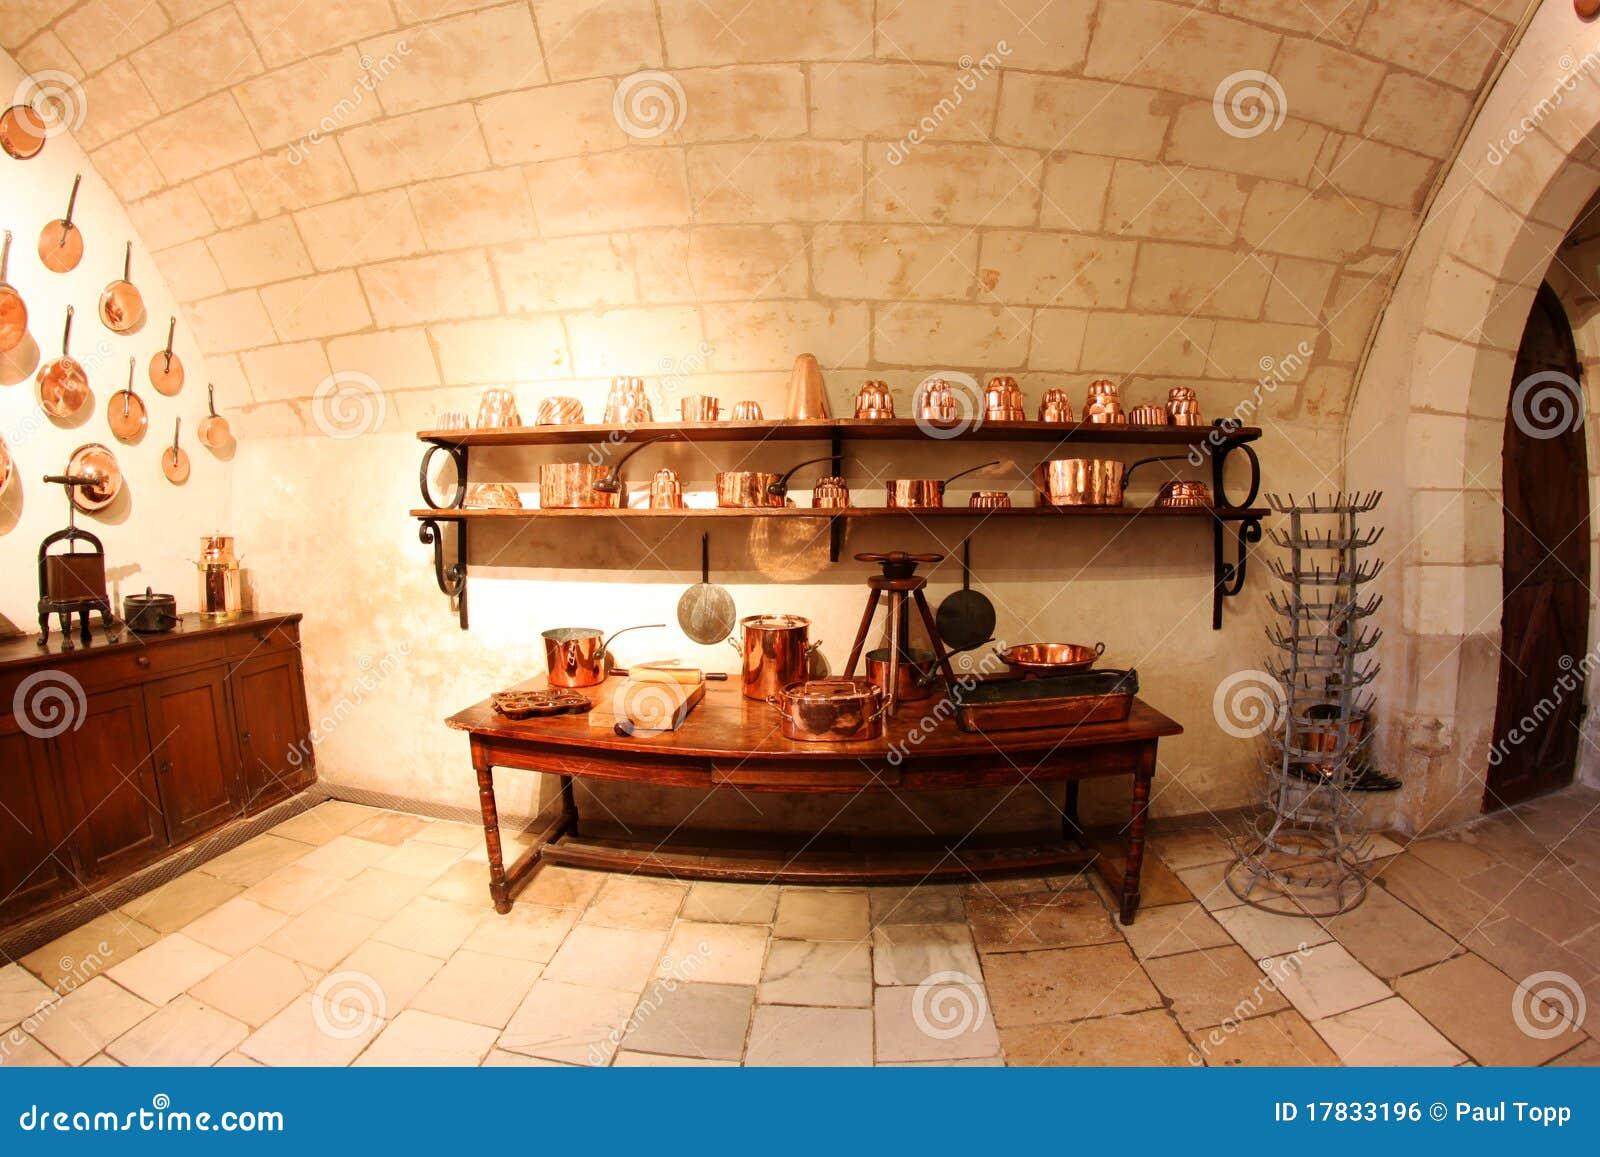 Mittelalterliche Küche Am Chenonceau Schloss In Frankreich Stockfoto ...